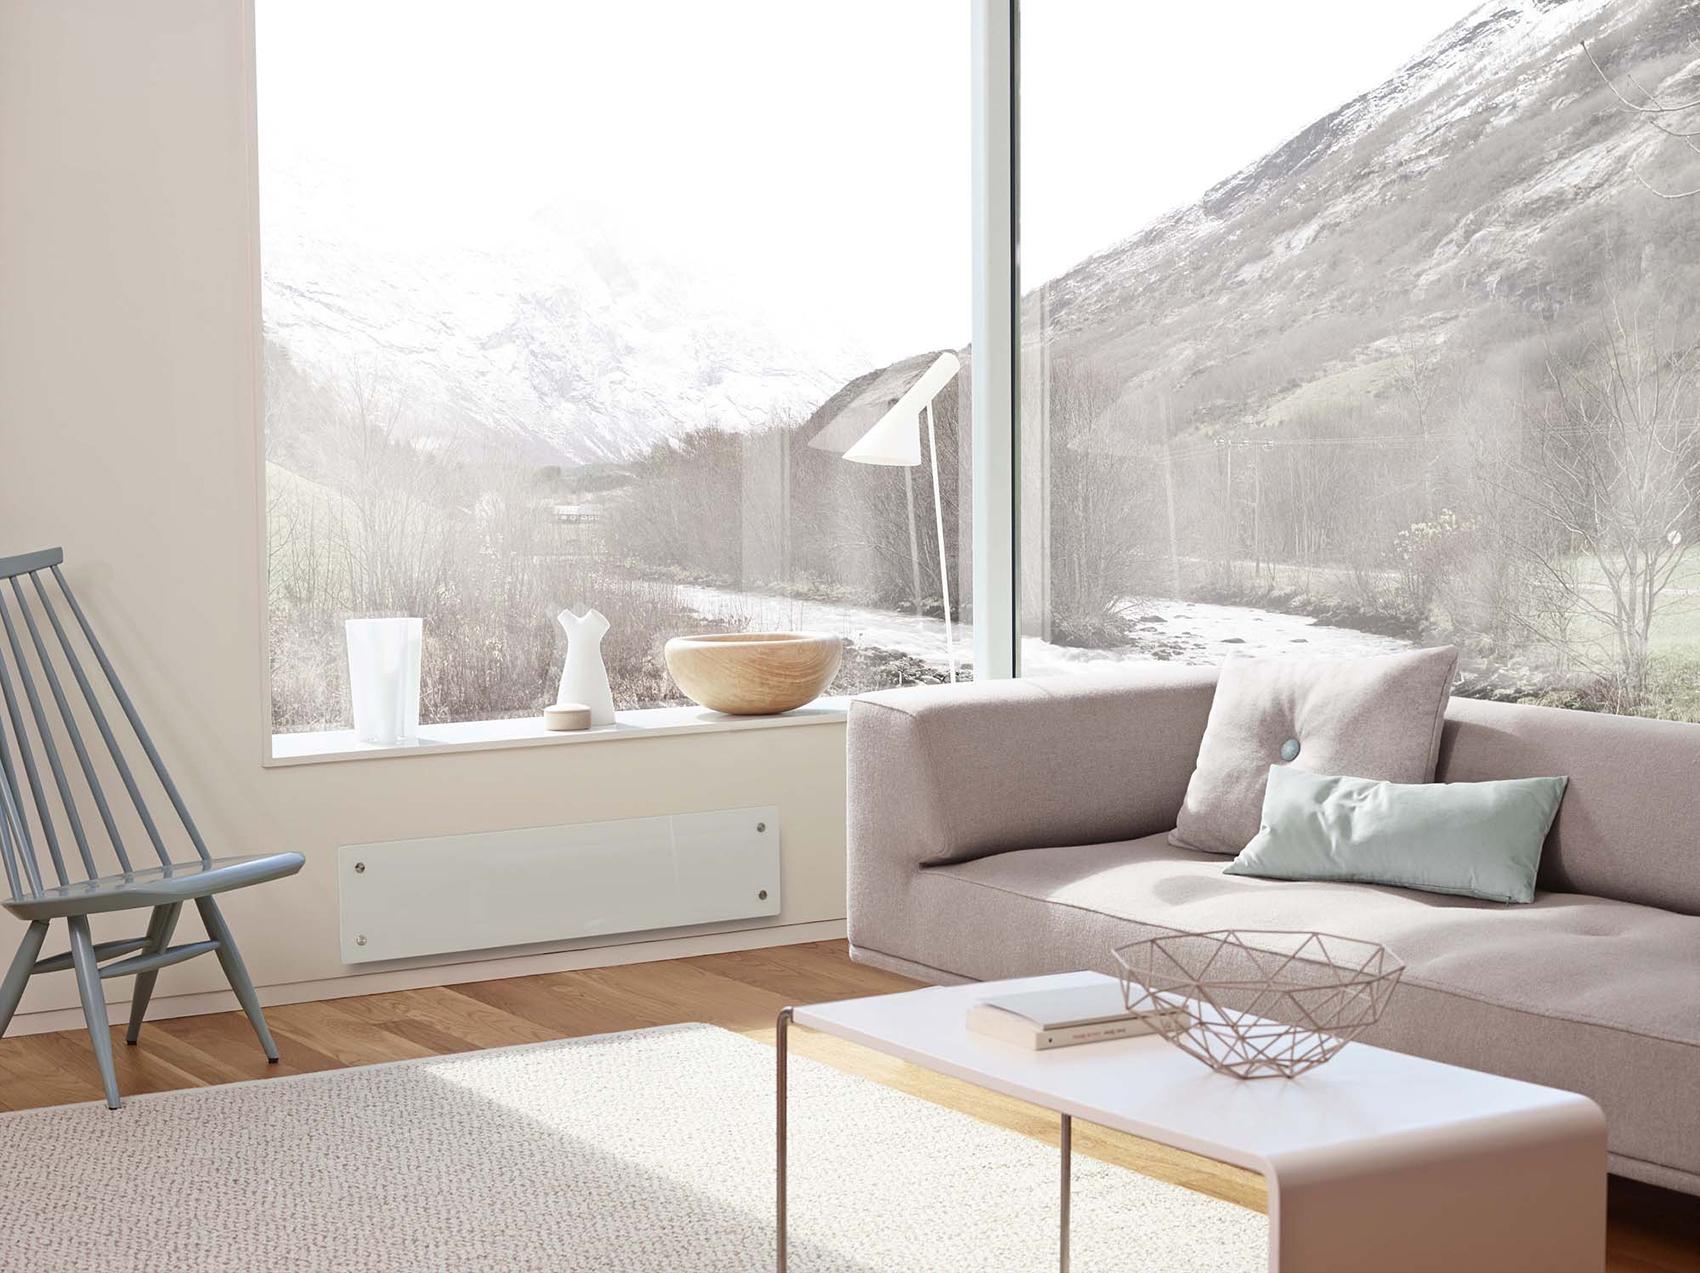 convecteur nobo top glass de dimplex induscabel salle de bains chauffage et cuisine. Black Bedroom Furniture Sets. Home Design Ideas